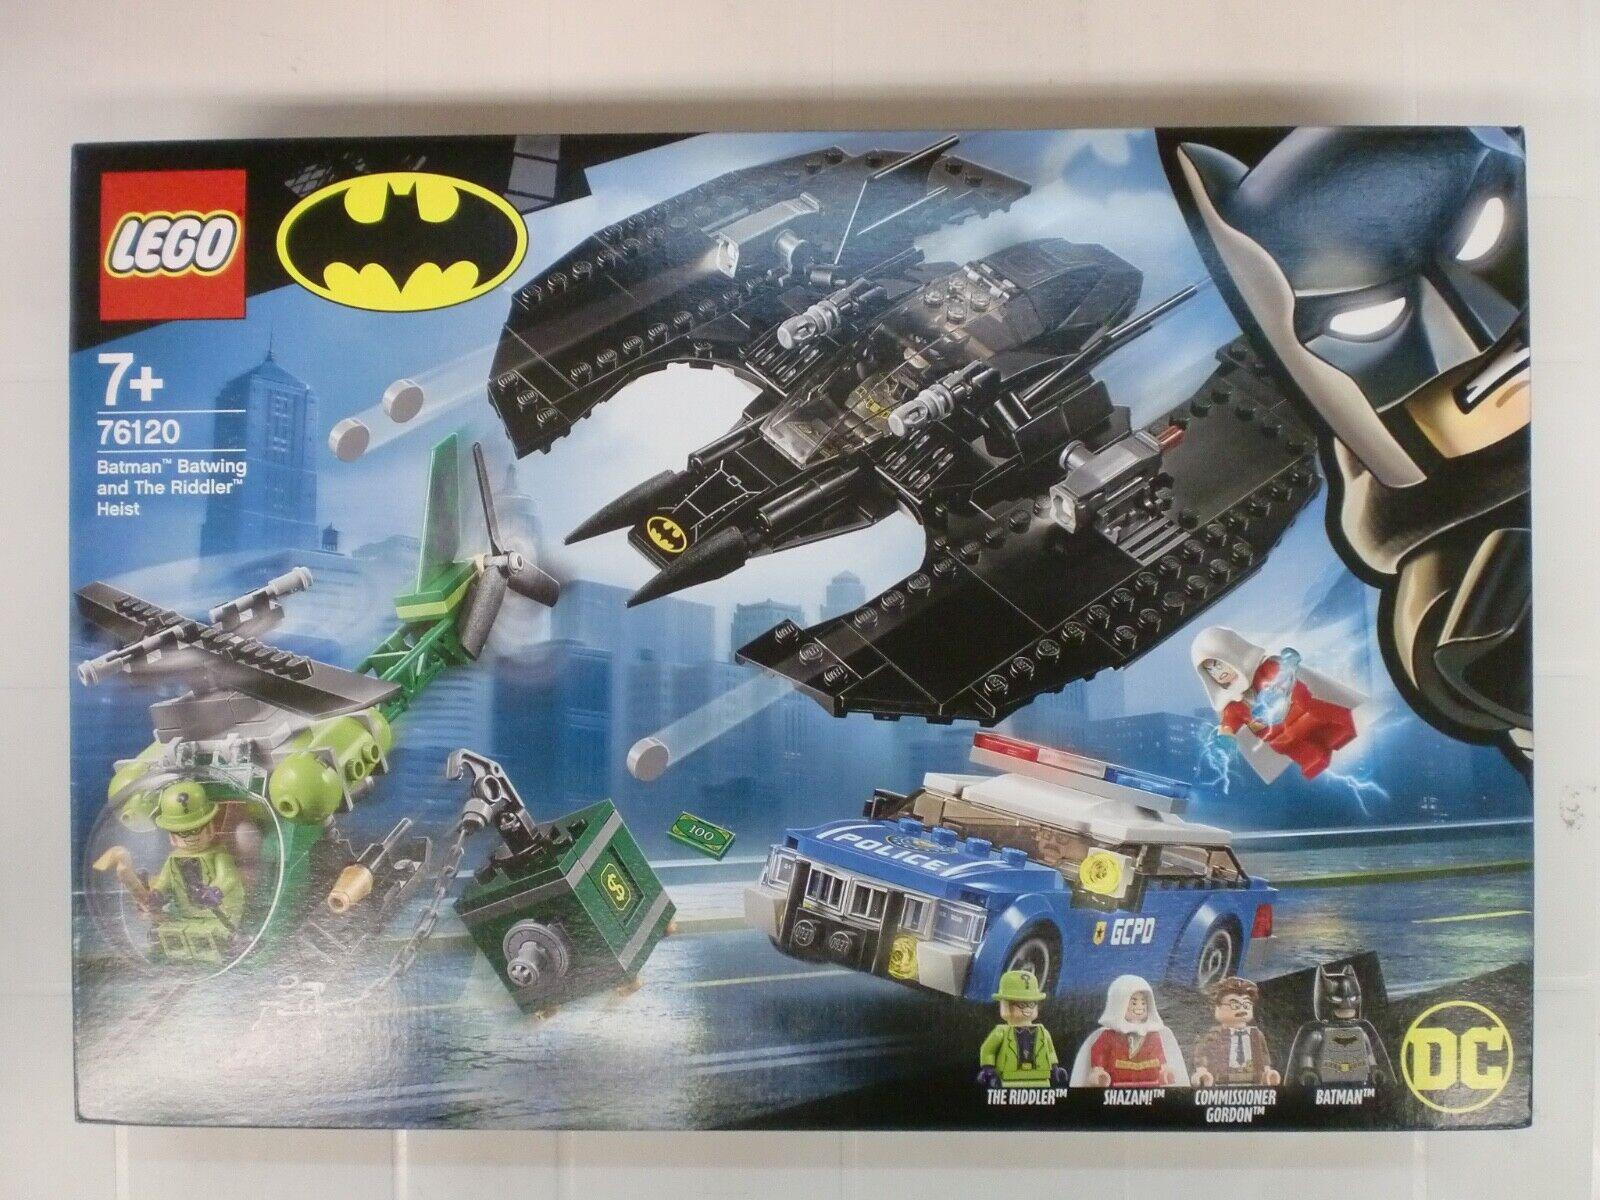 LEGO 76120 - BATMAN BATWING AND THE RIDDLER HEIST - serie BATMAN